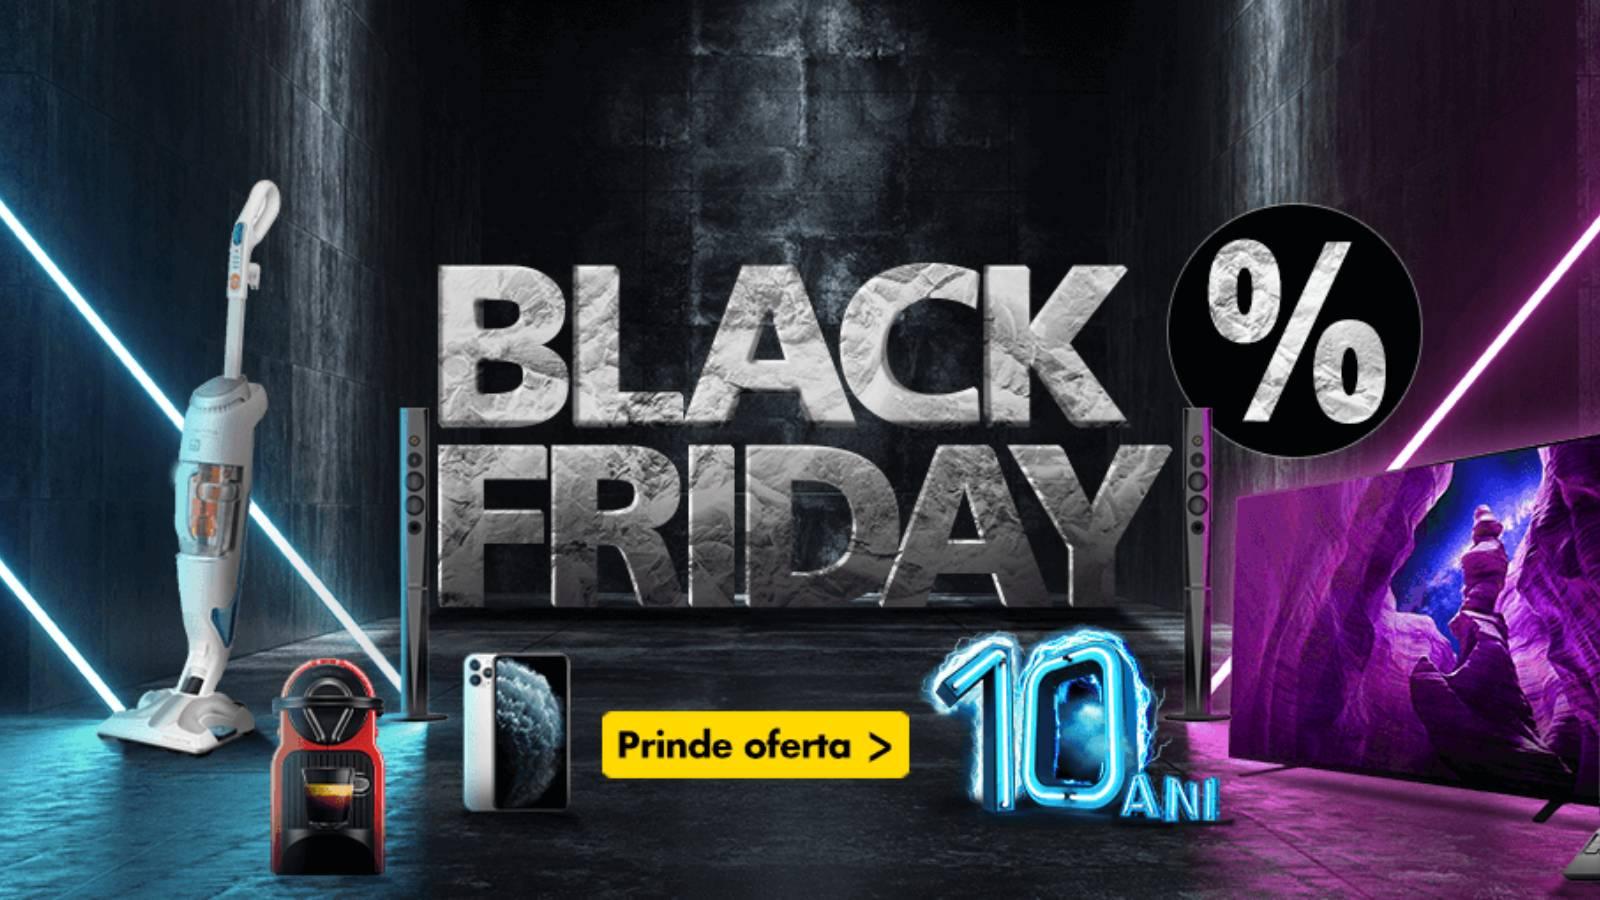 Flanco Black Friday 2020 Telefoane Laptop